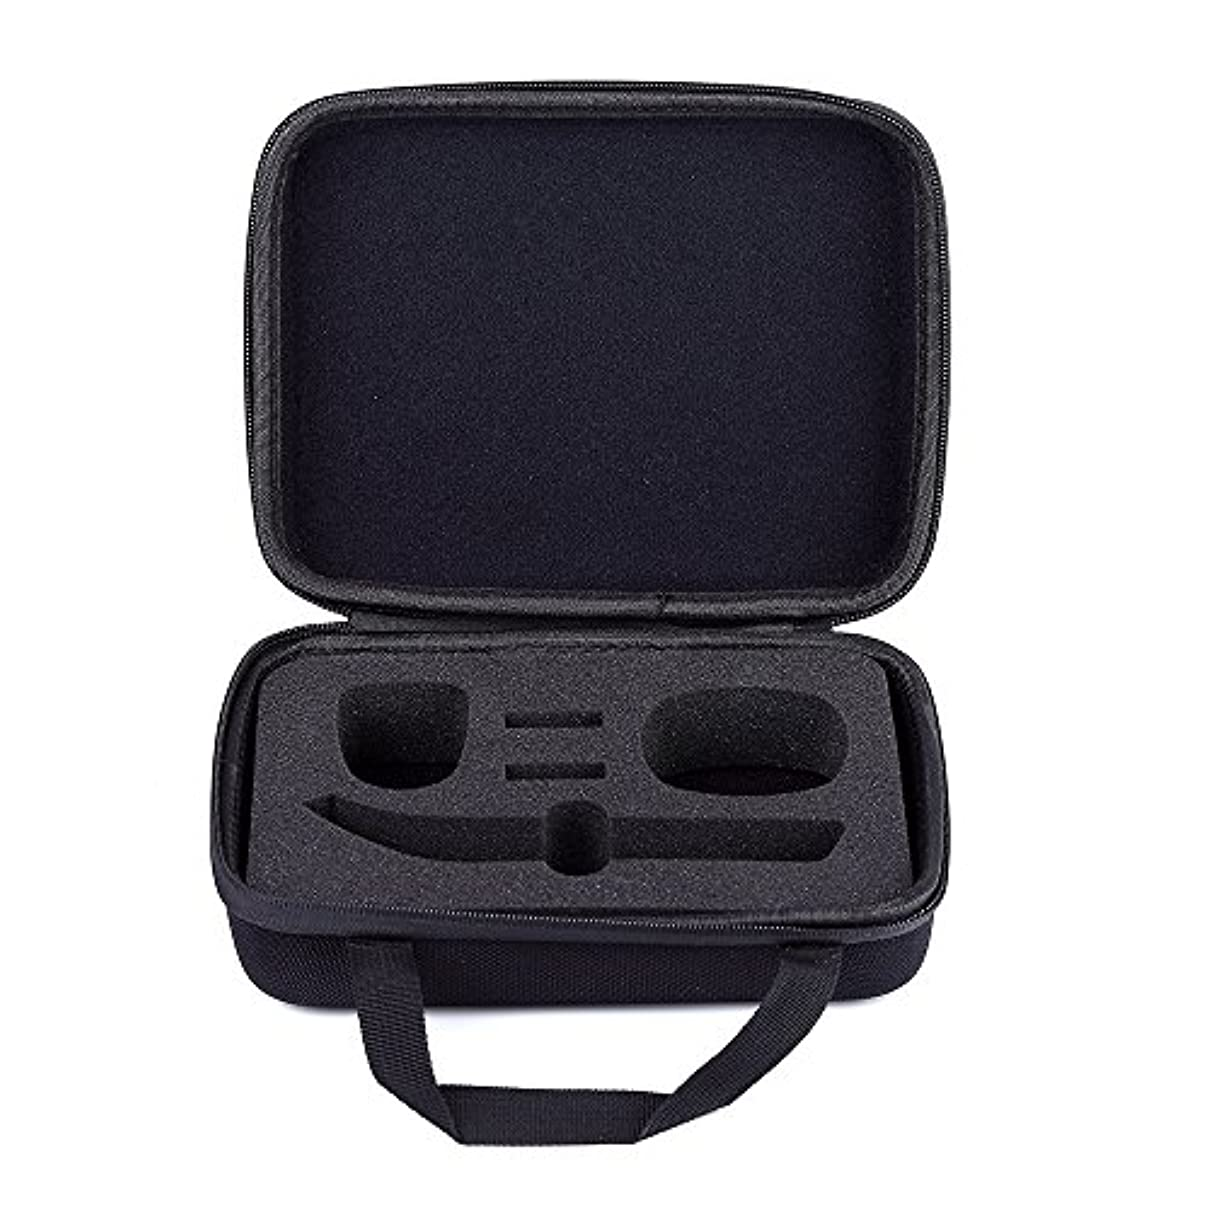 内部貝殻ラリーXigeapg トラベルのハードバッグ、携帯用ケース、Norelco Oneblade Pro用、転倒防止、防水、実用的なPhilipsシェーバー用の収納ボックス